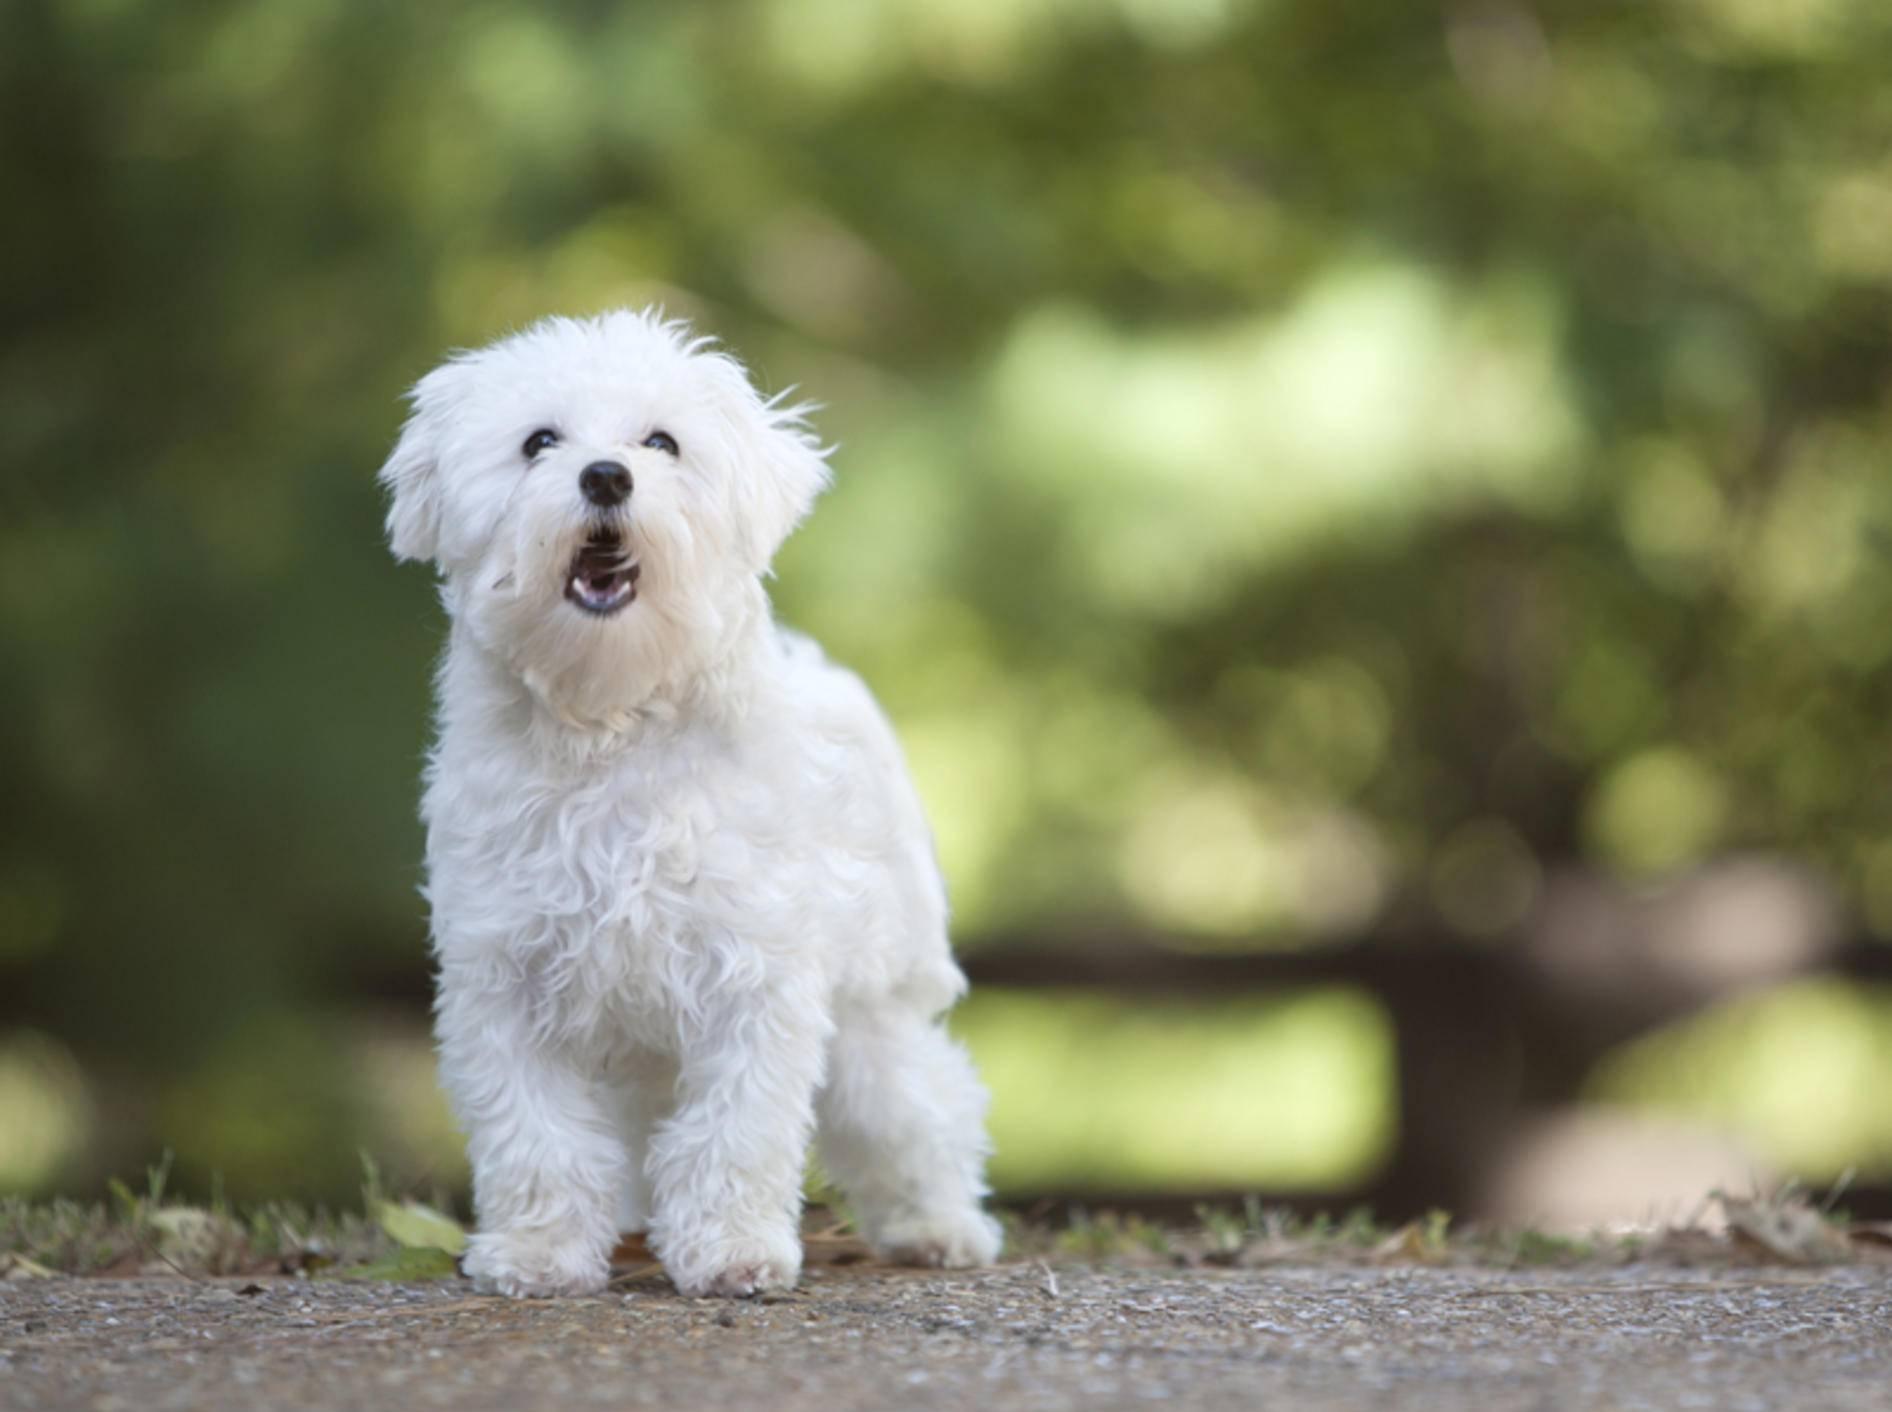 Bellender Malteser-Hund: Was möchte der süße Wuschel damit wohl mitteilen? – Shutterstock / Mary Rice